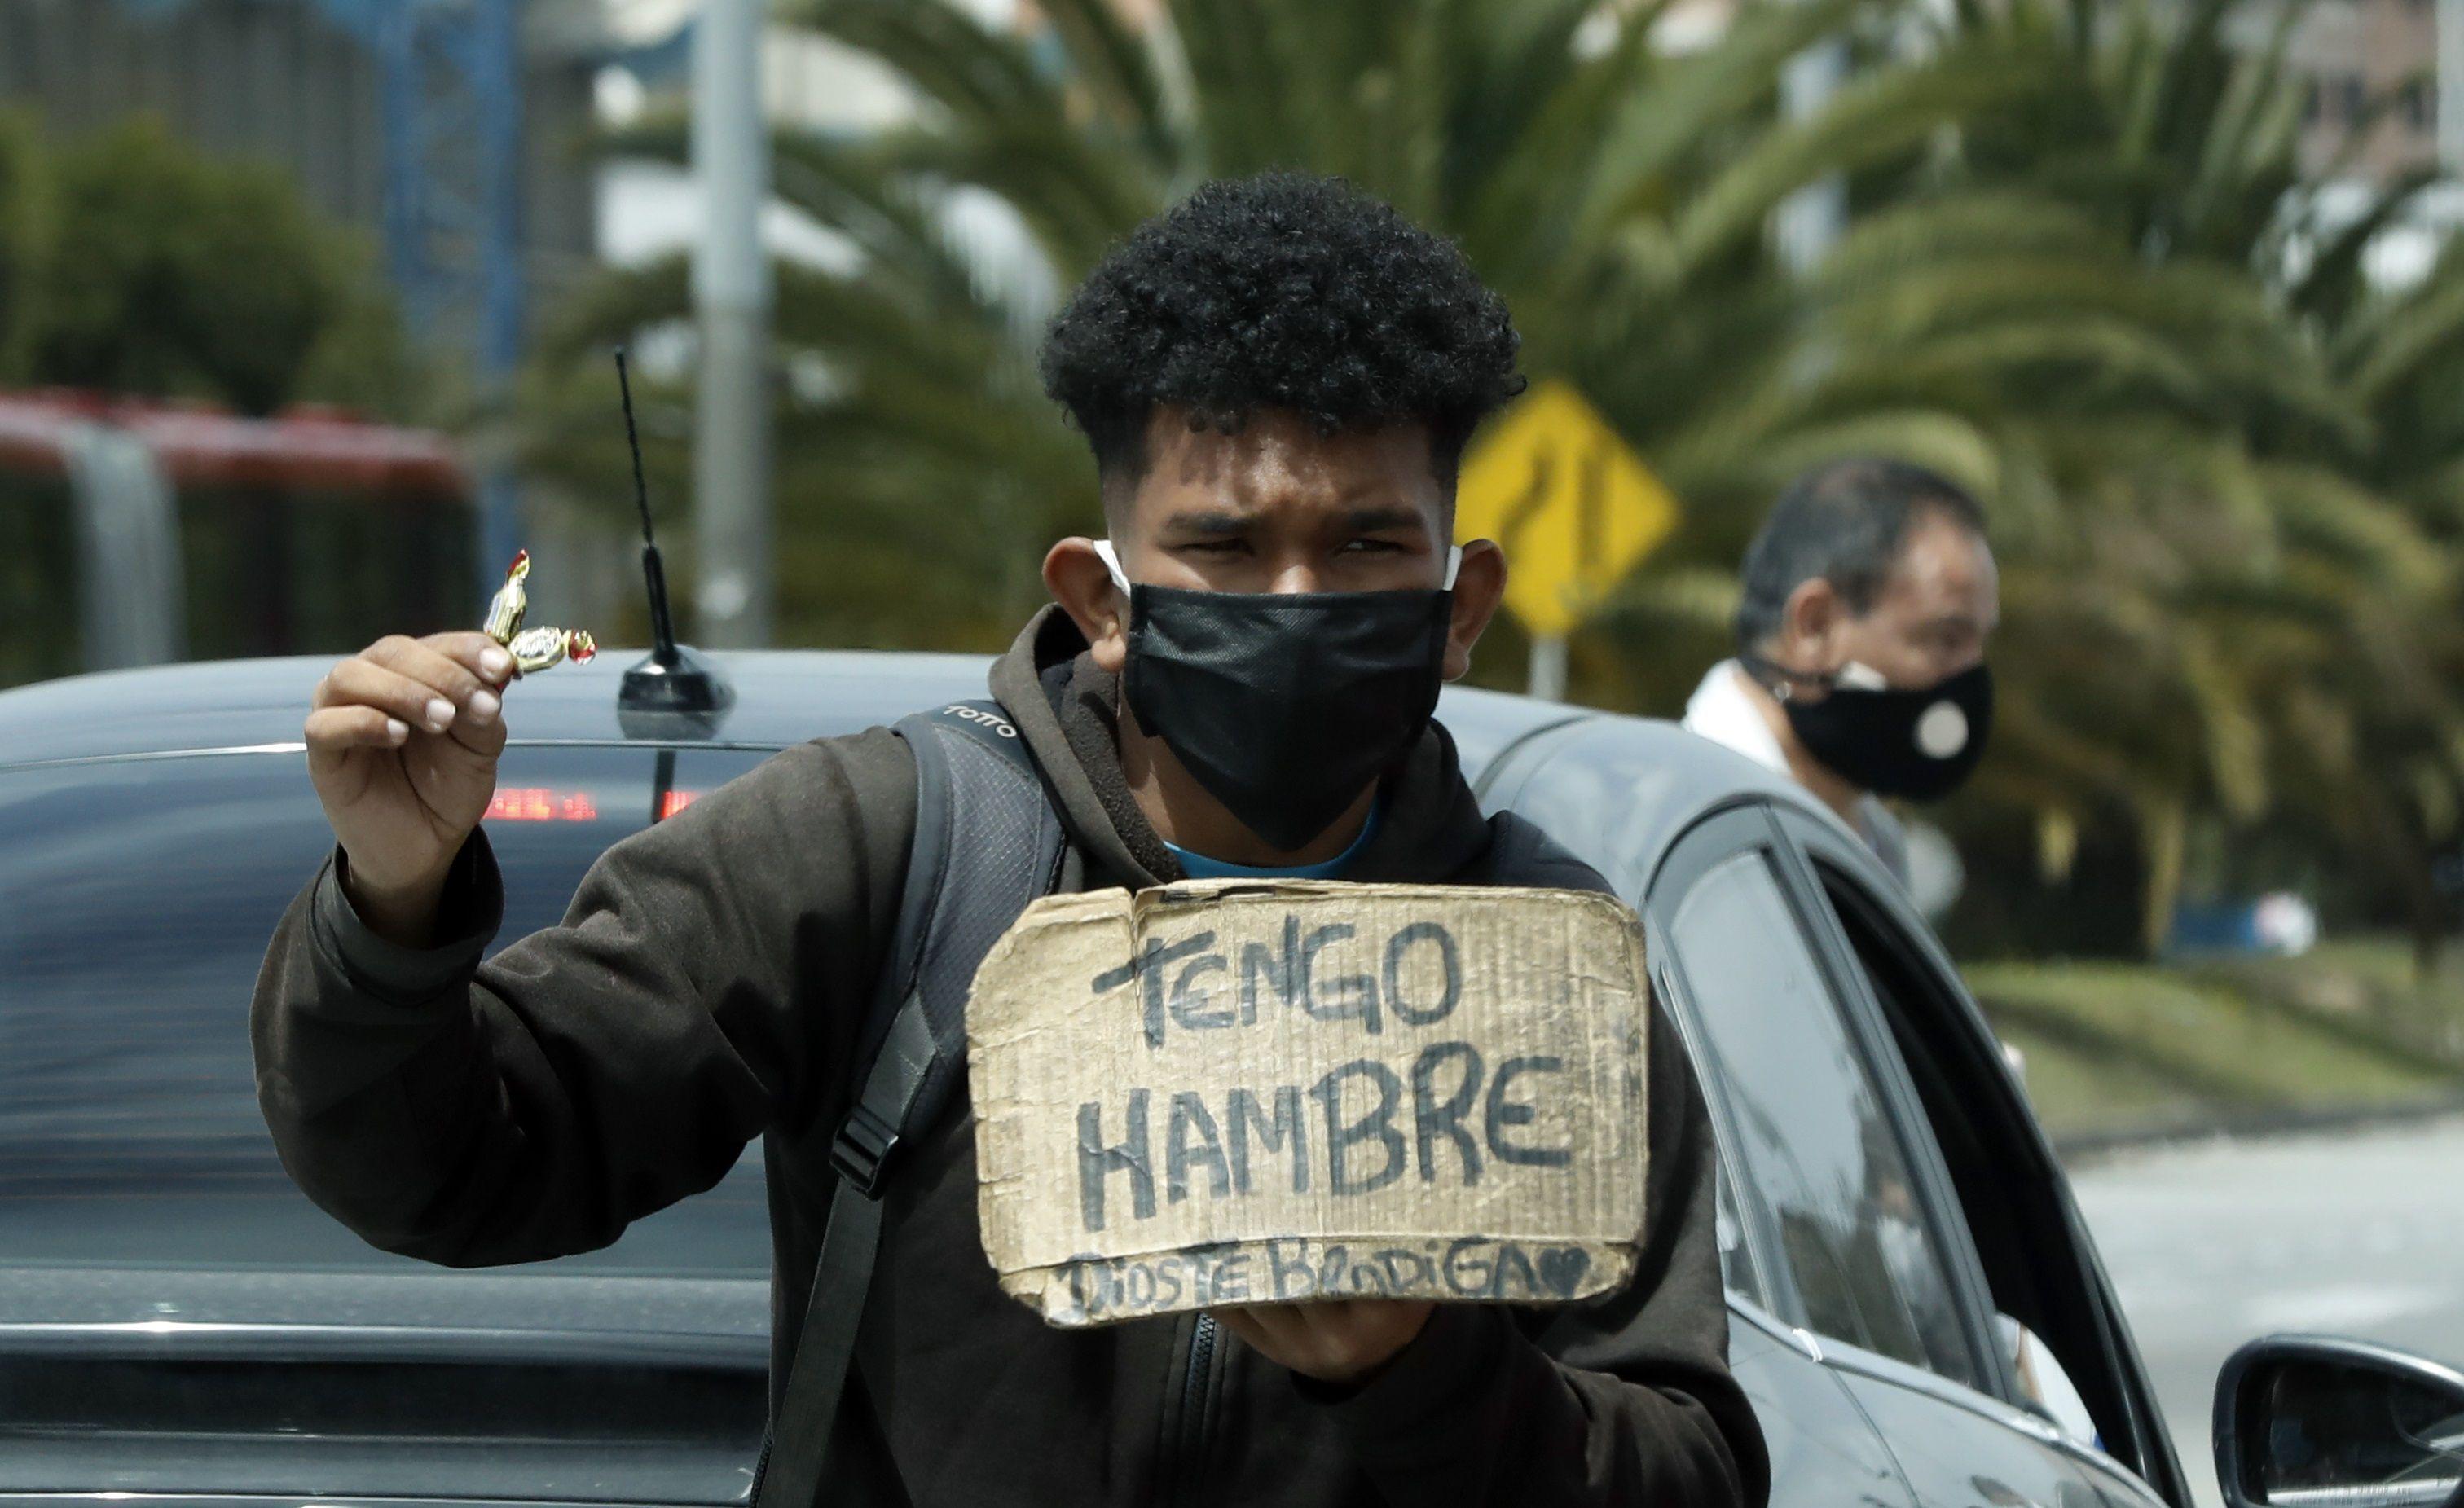 Según el medio, la pandemia en Colombia no se ha manejado en un nivel efectivo. EFE/Mauricio Duenas Castañeda